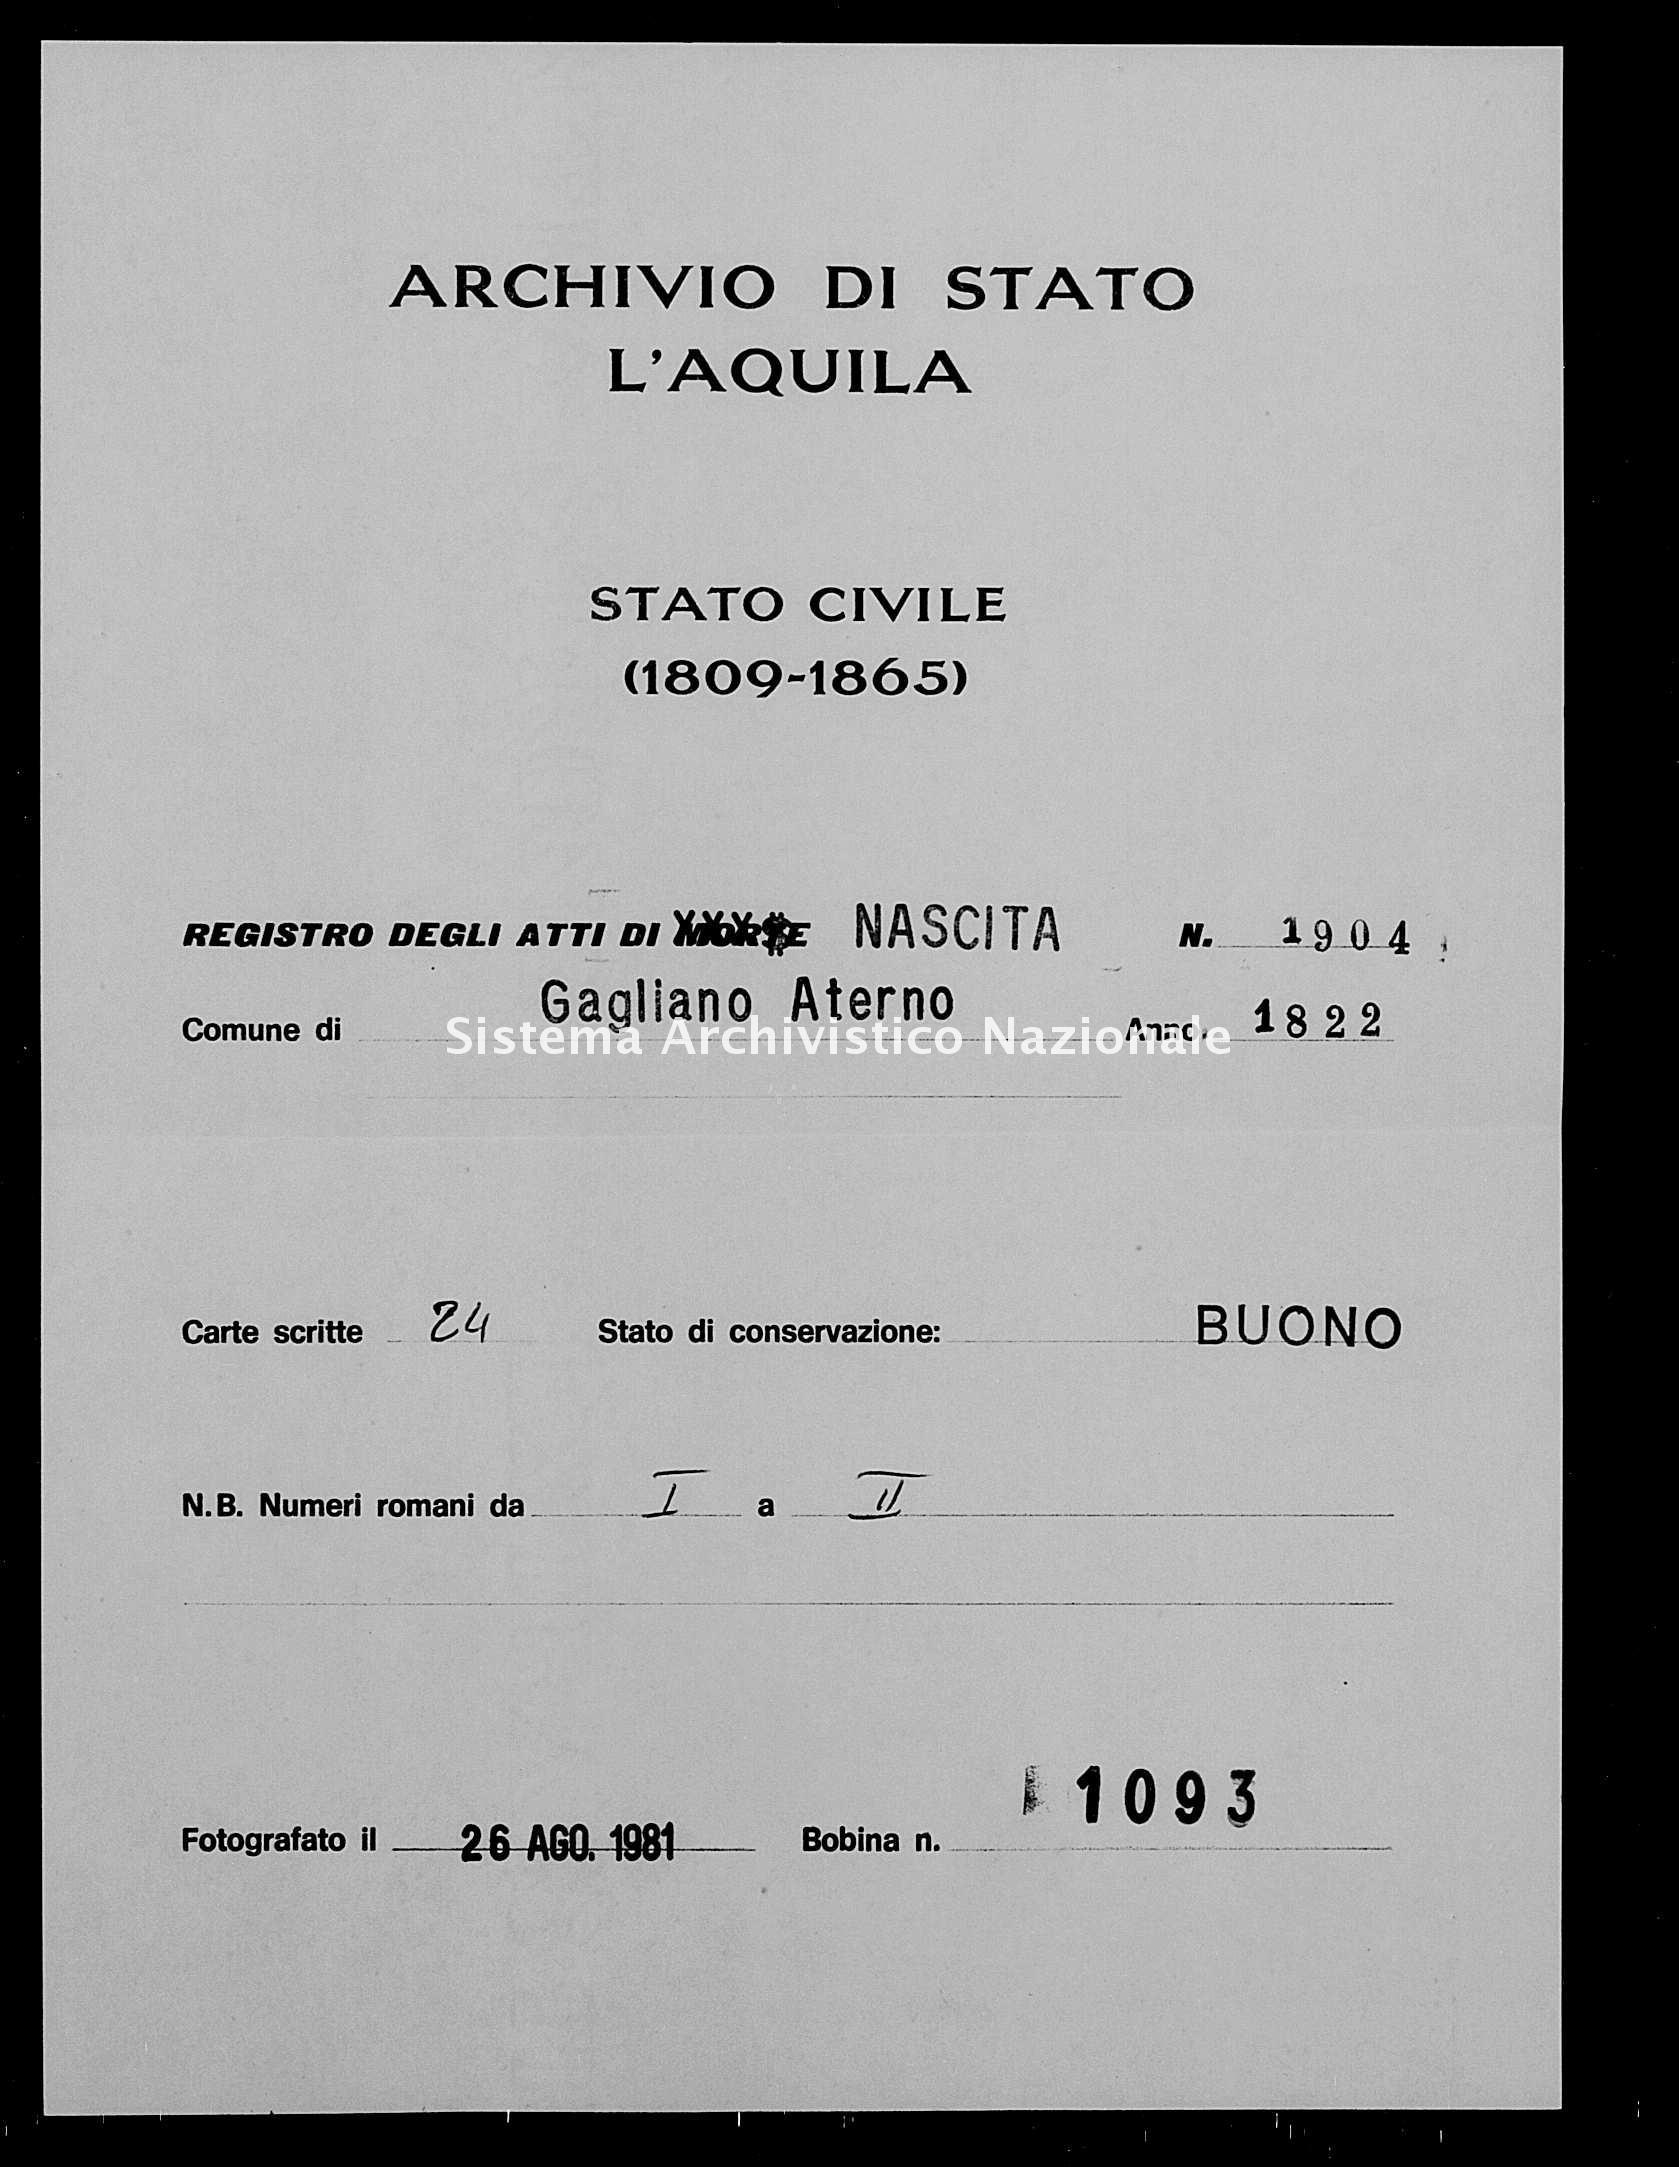 Archivio di stato di L'aquila - Stato civile della restaurazione - Gagliano Aterno - Nati - 1822 - 1904 -